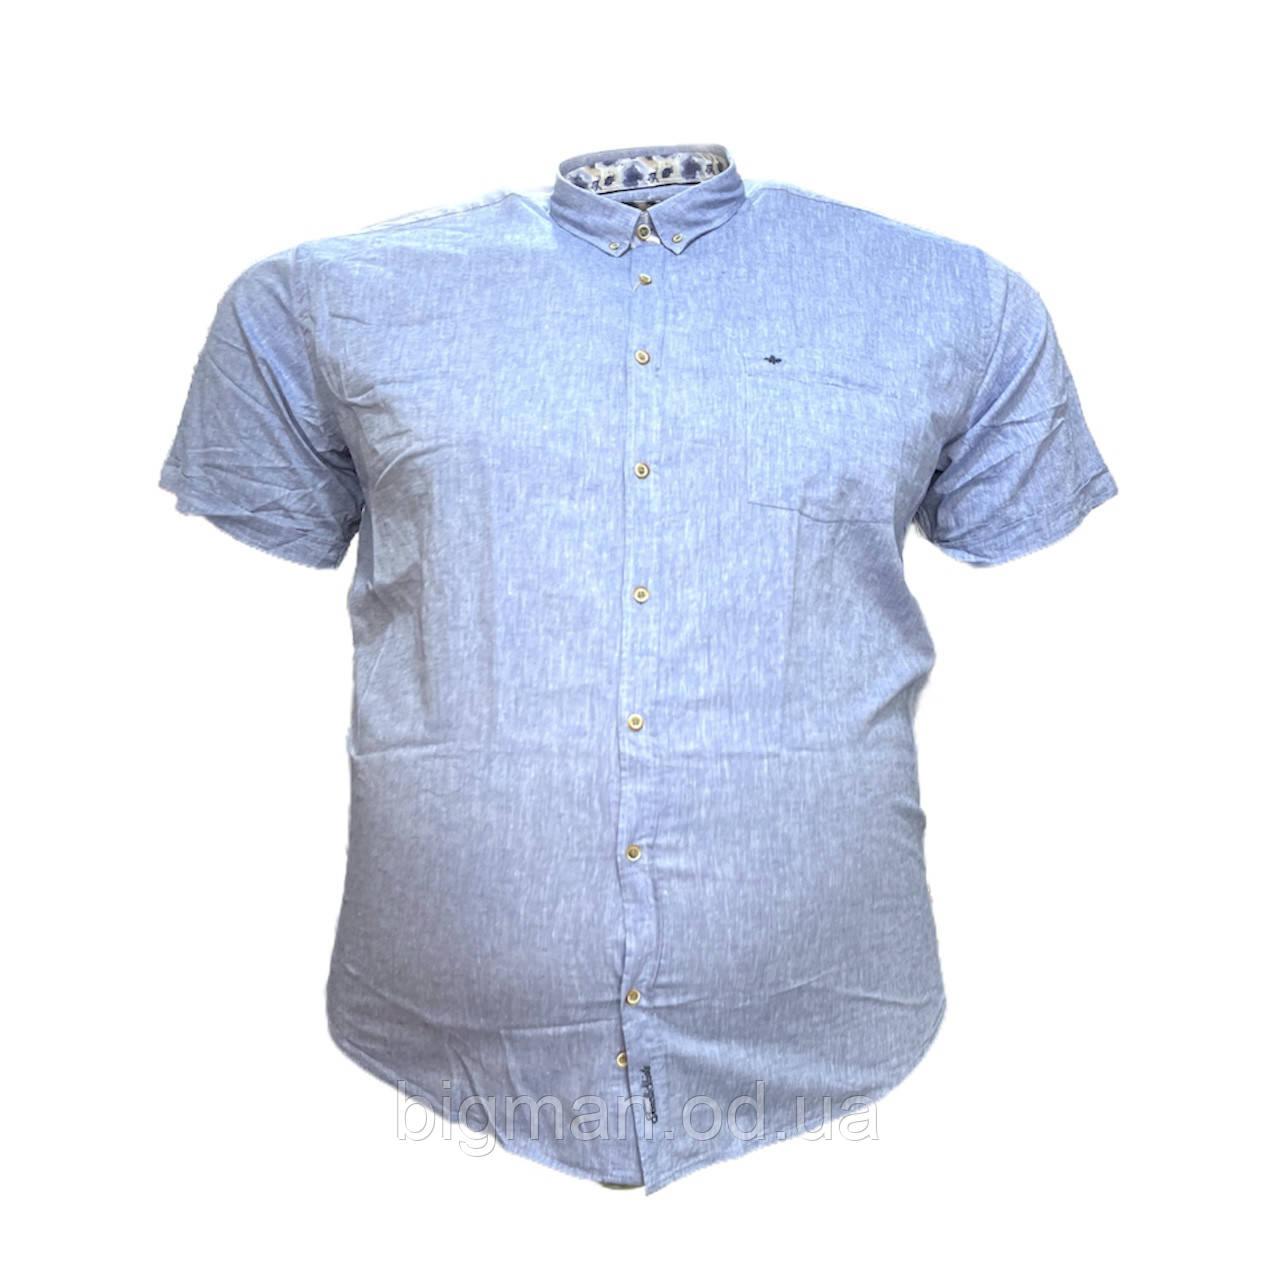 Мужская лен рубашка с коротким рукавом Tonelli 16075 2XL 3XL 4XL 5XL голубая большие размеры батал Турция